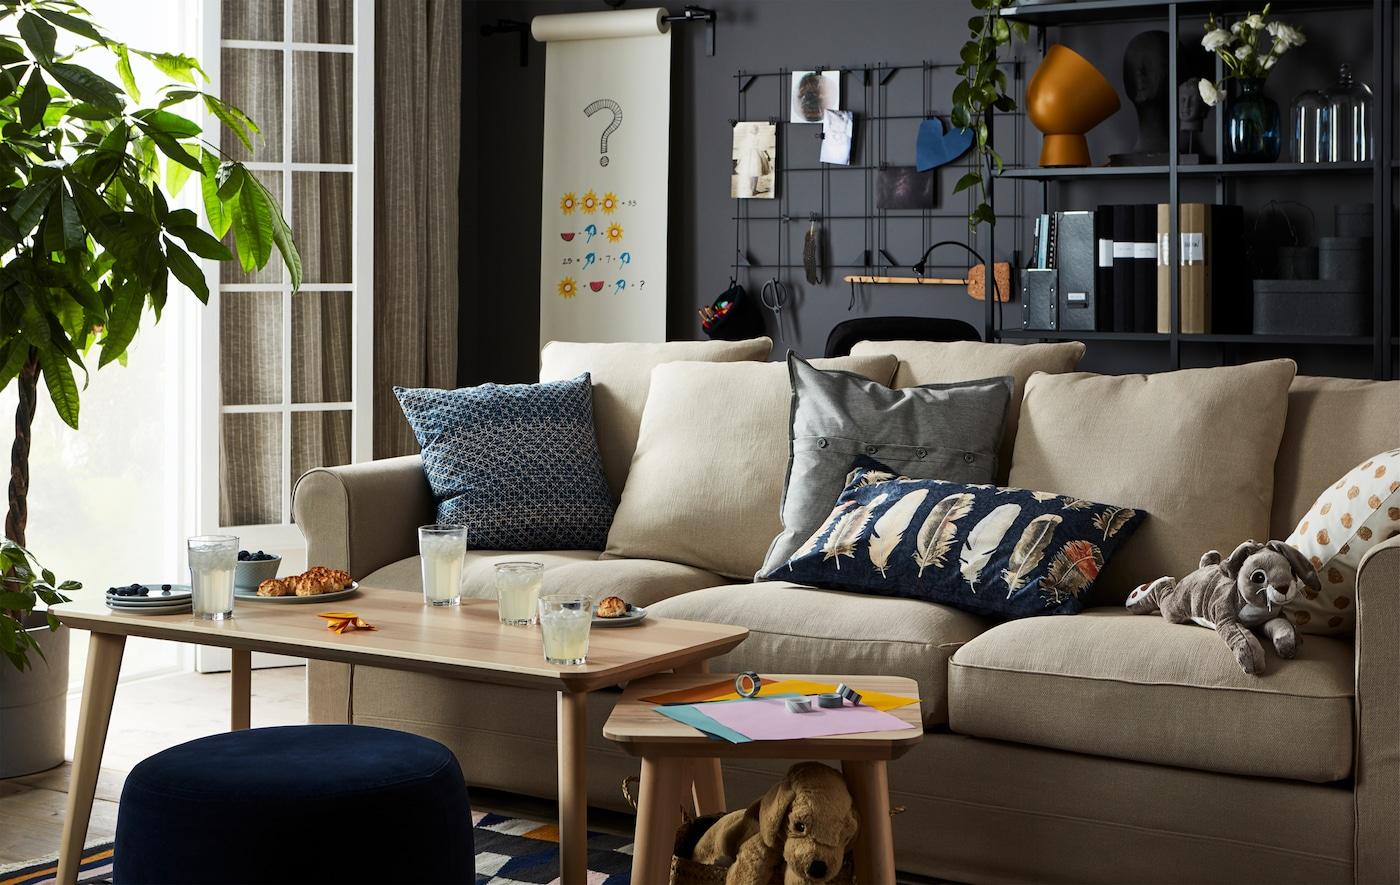 Dnevna soba sa sofom i stolićem na kojem se sprema sesija sklapanja origamija i druženja uz grickalice i pića.